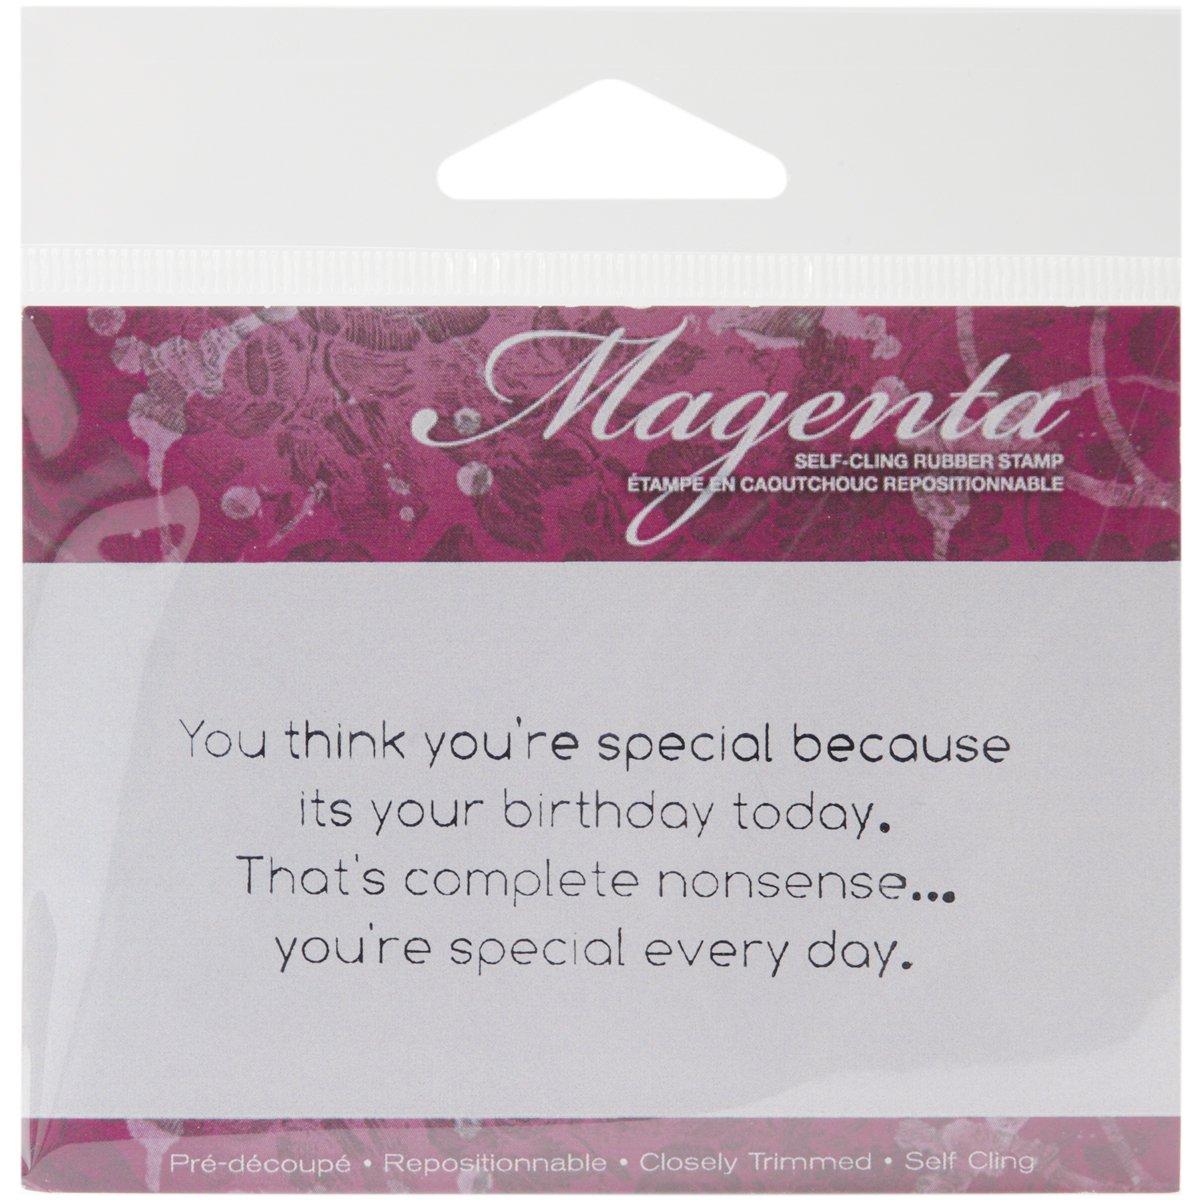 mejor opcion Magenta Sellos Cling, 5,7 x 2,54 cm, eres especial cada cada cada día  Con precio barato para obtener la mejor marca.